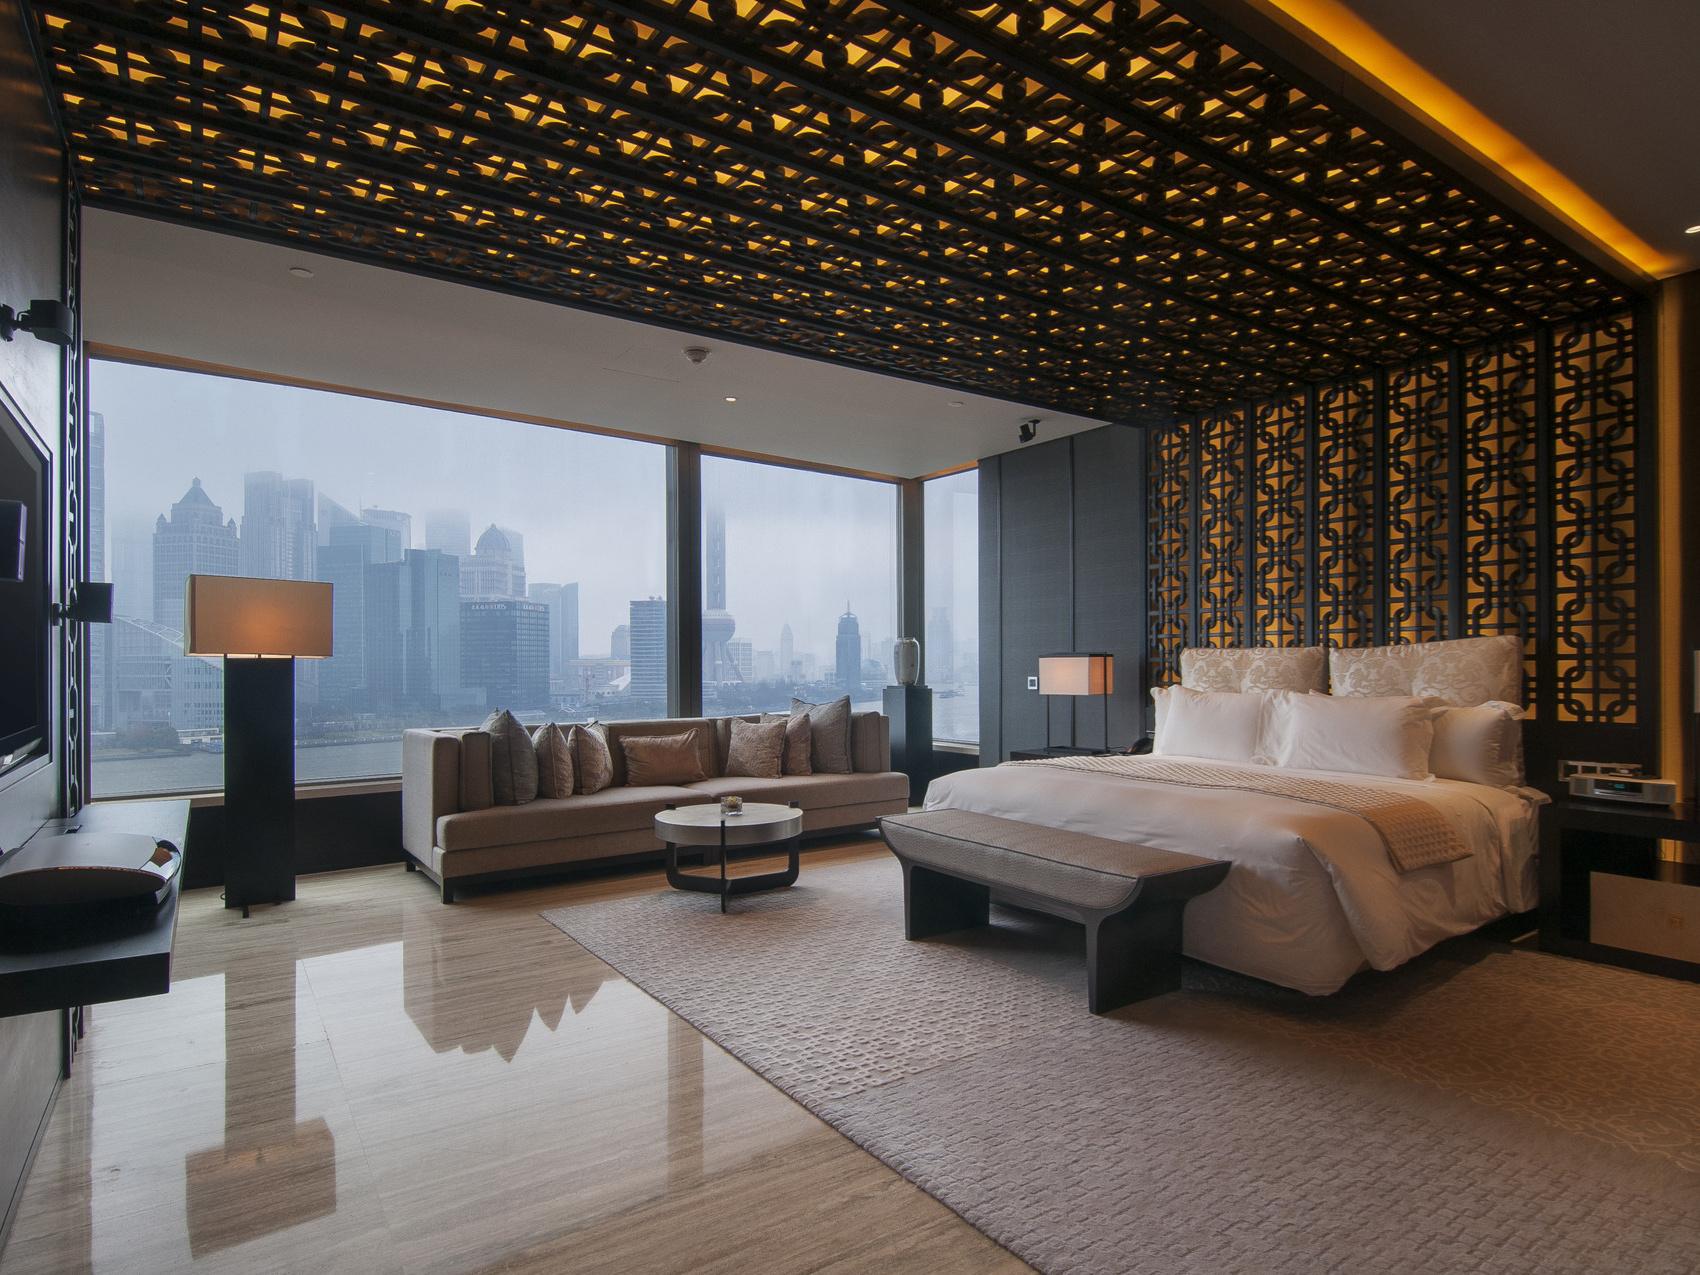 中国地板十大品牌有哪些,快来看看